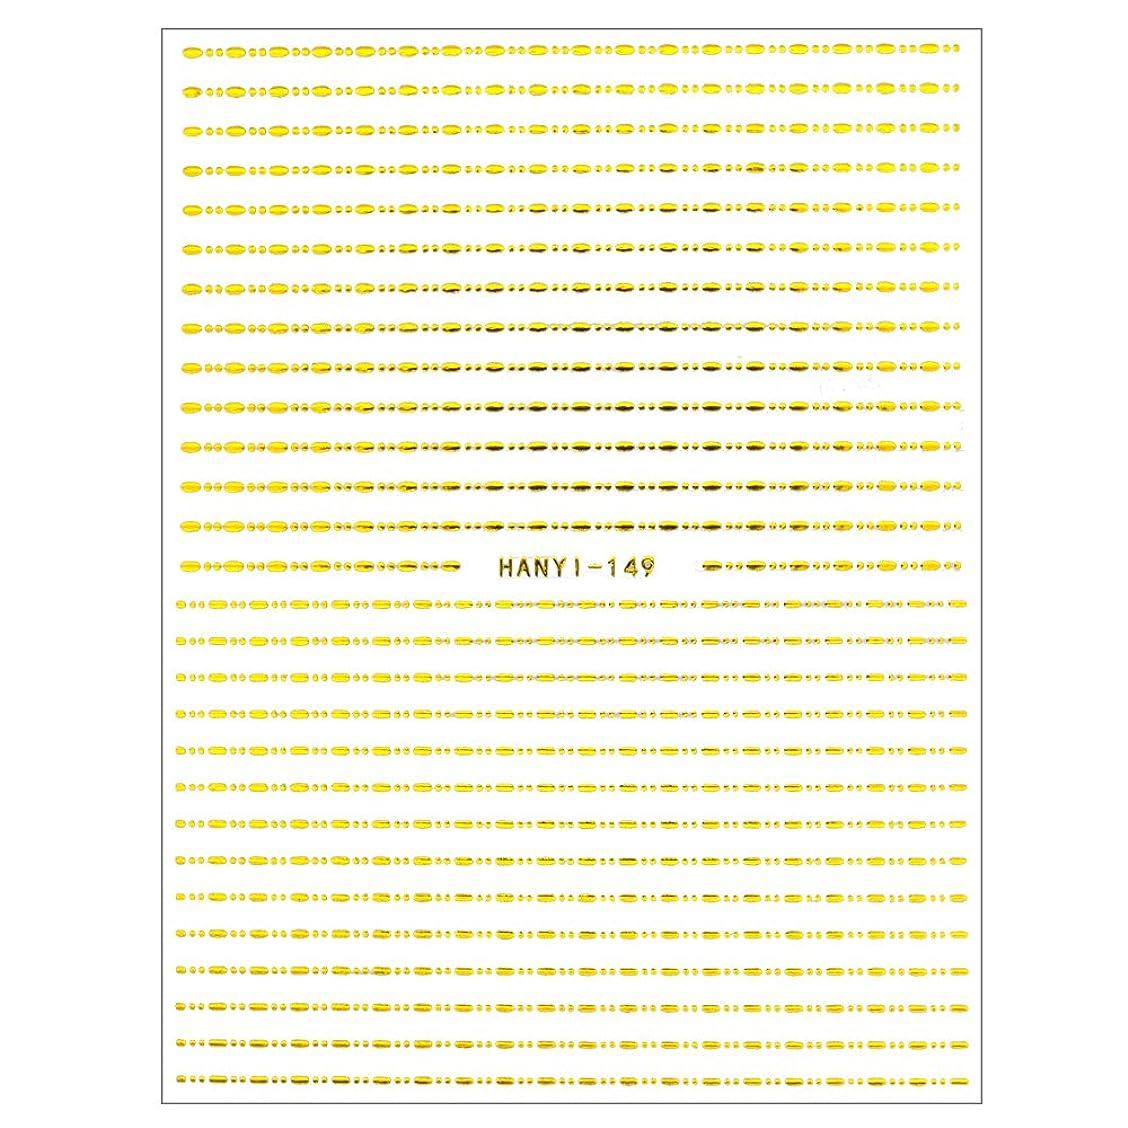 バックアップトリプル授業料【HANYI-149】デコラティブラインシール 繊細でデコラティブな上品ラインシール! ネイルシール ライン 線